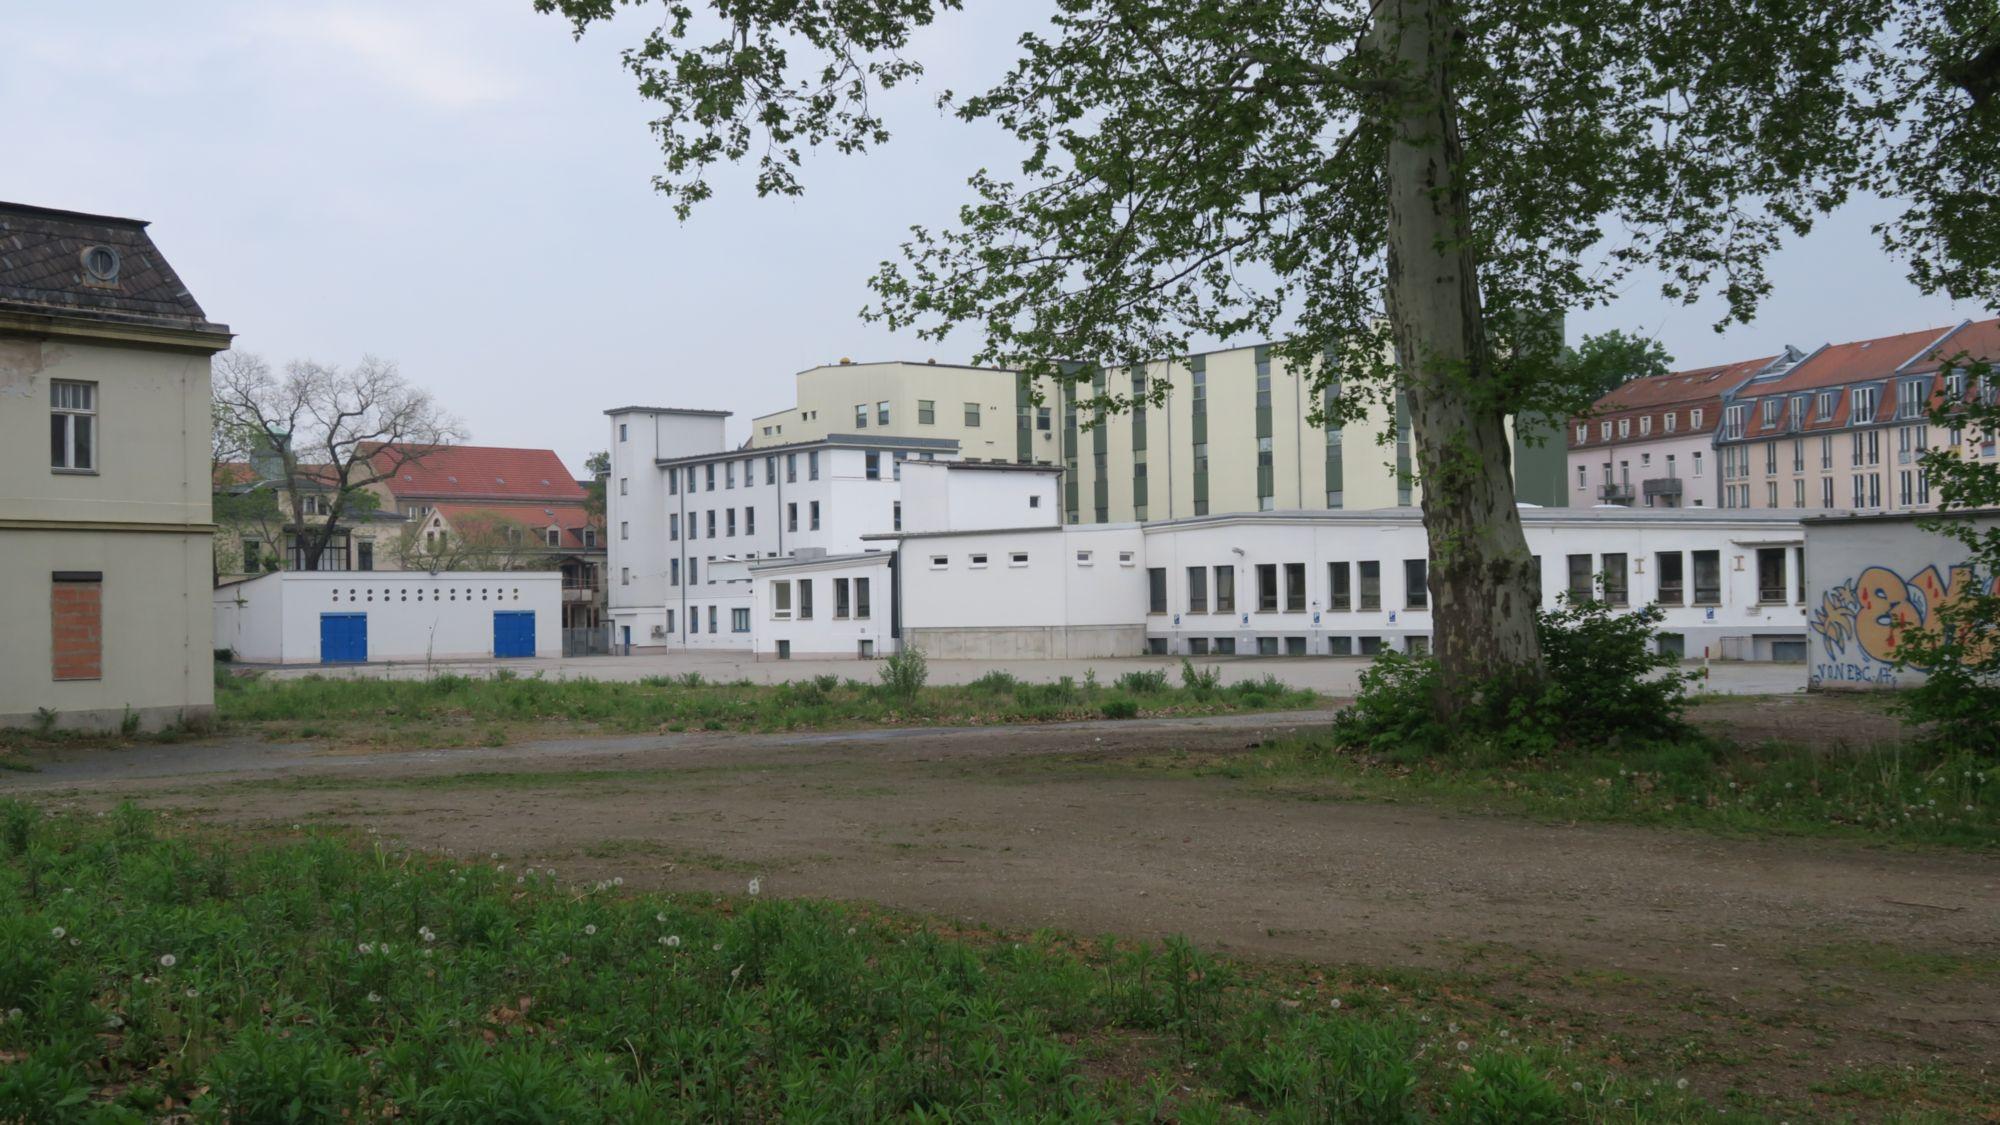 Zwischen der sogenannten Albertpassage und der Dentalkostmetik-Fabrik ist eine Fläche frei.